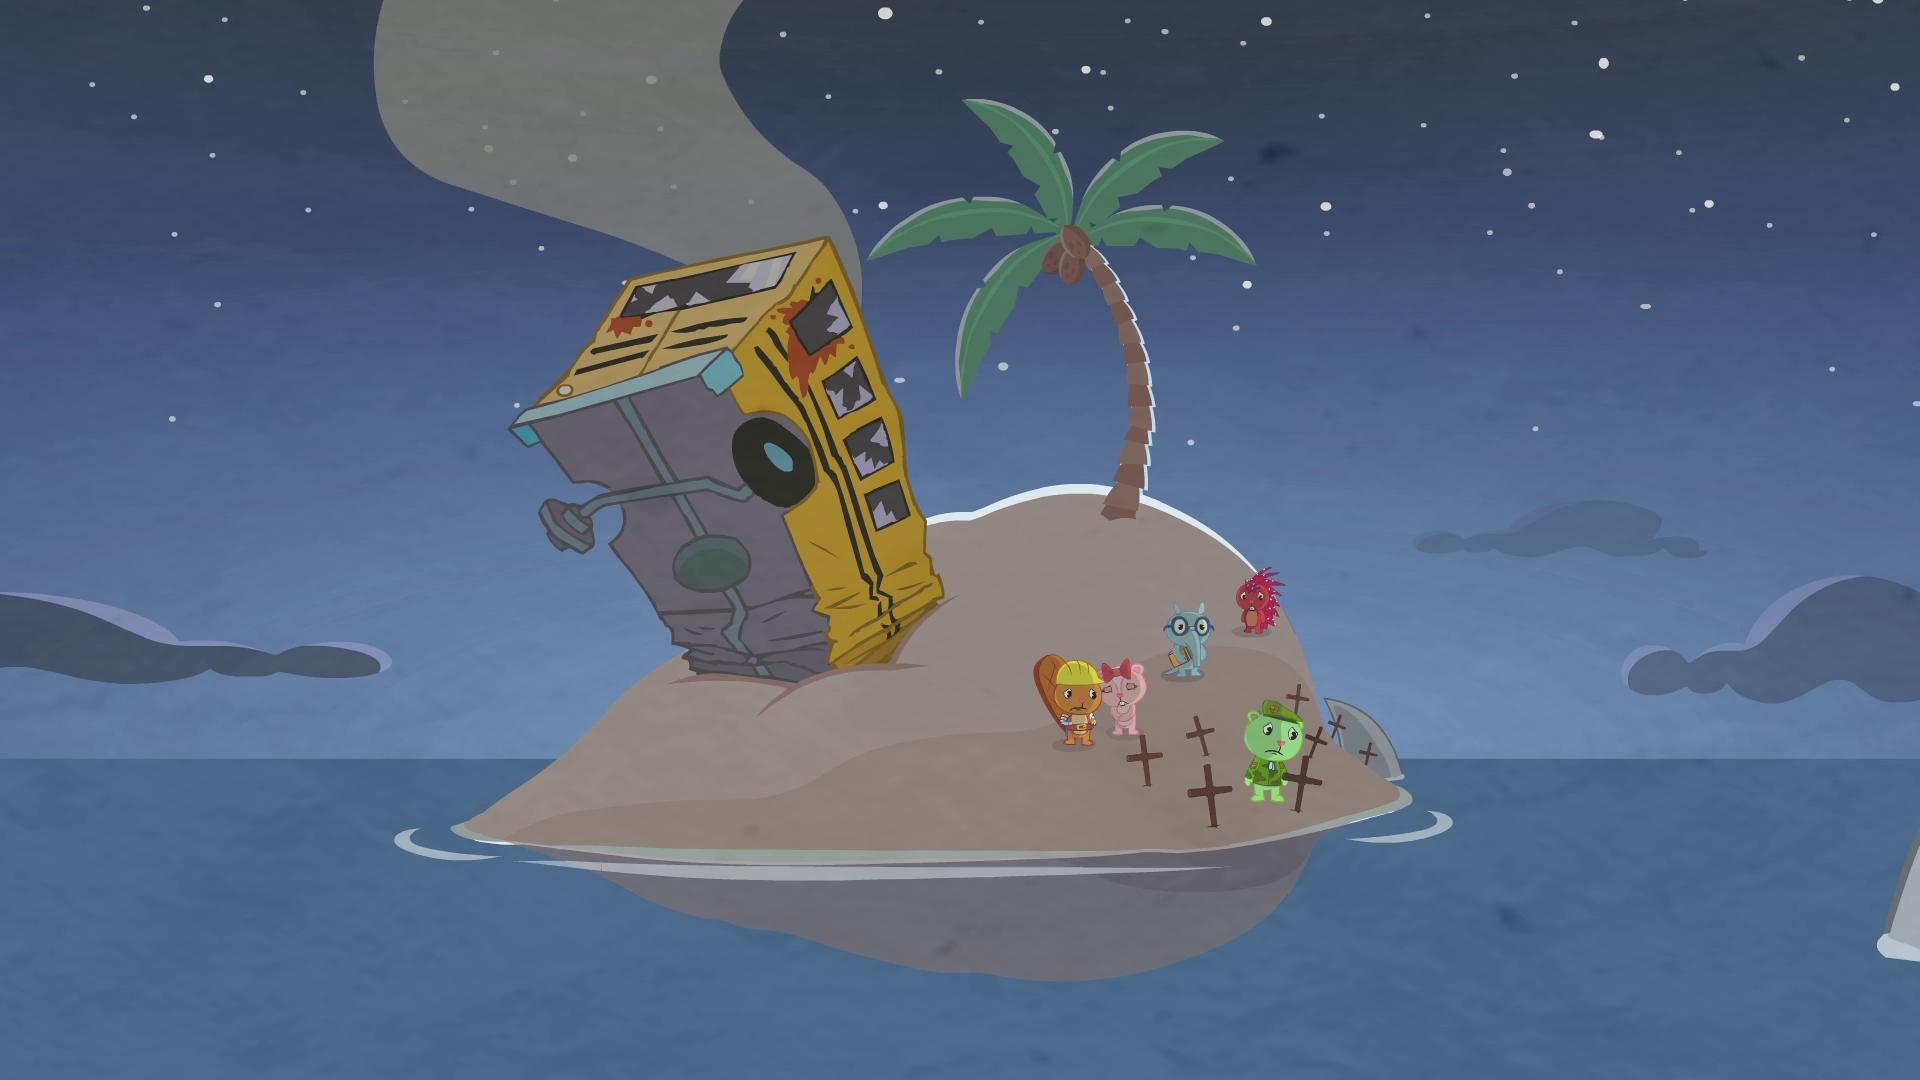 دوستان شاد درختی قسمت 28-فصل 2 قسمت 1- سال 2001 تا 2005- تمام قسمت ها در لینک زیر این ویدیو